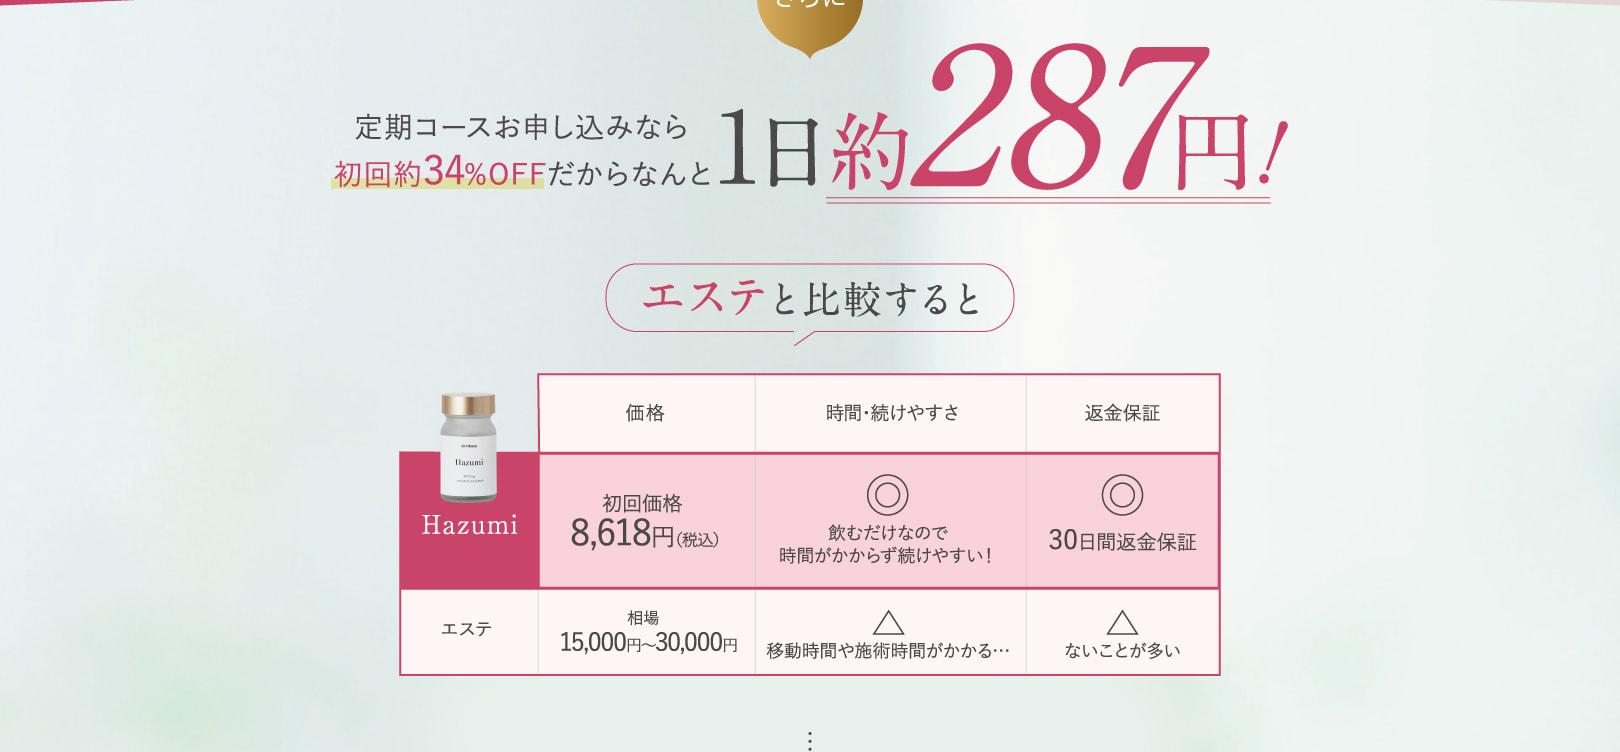 定期コースお申し込みなら初回約34%OFFだからなんと1日266円!